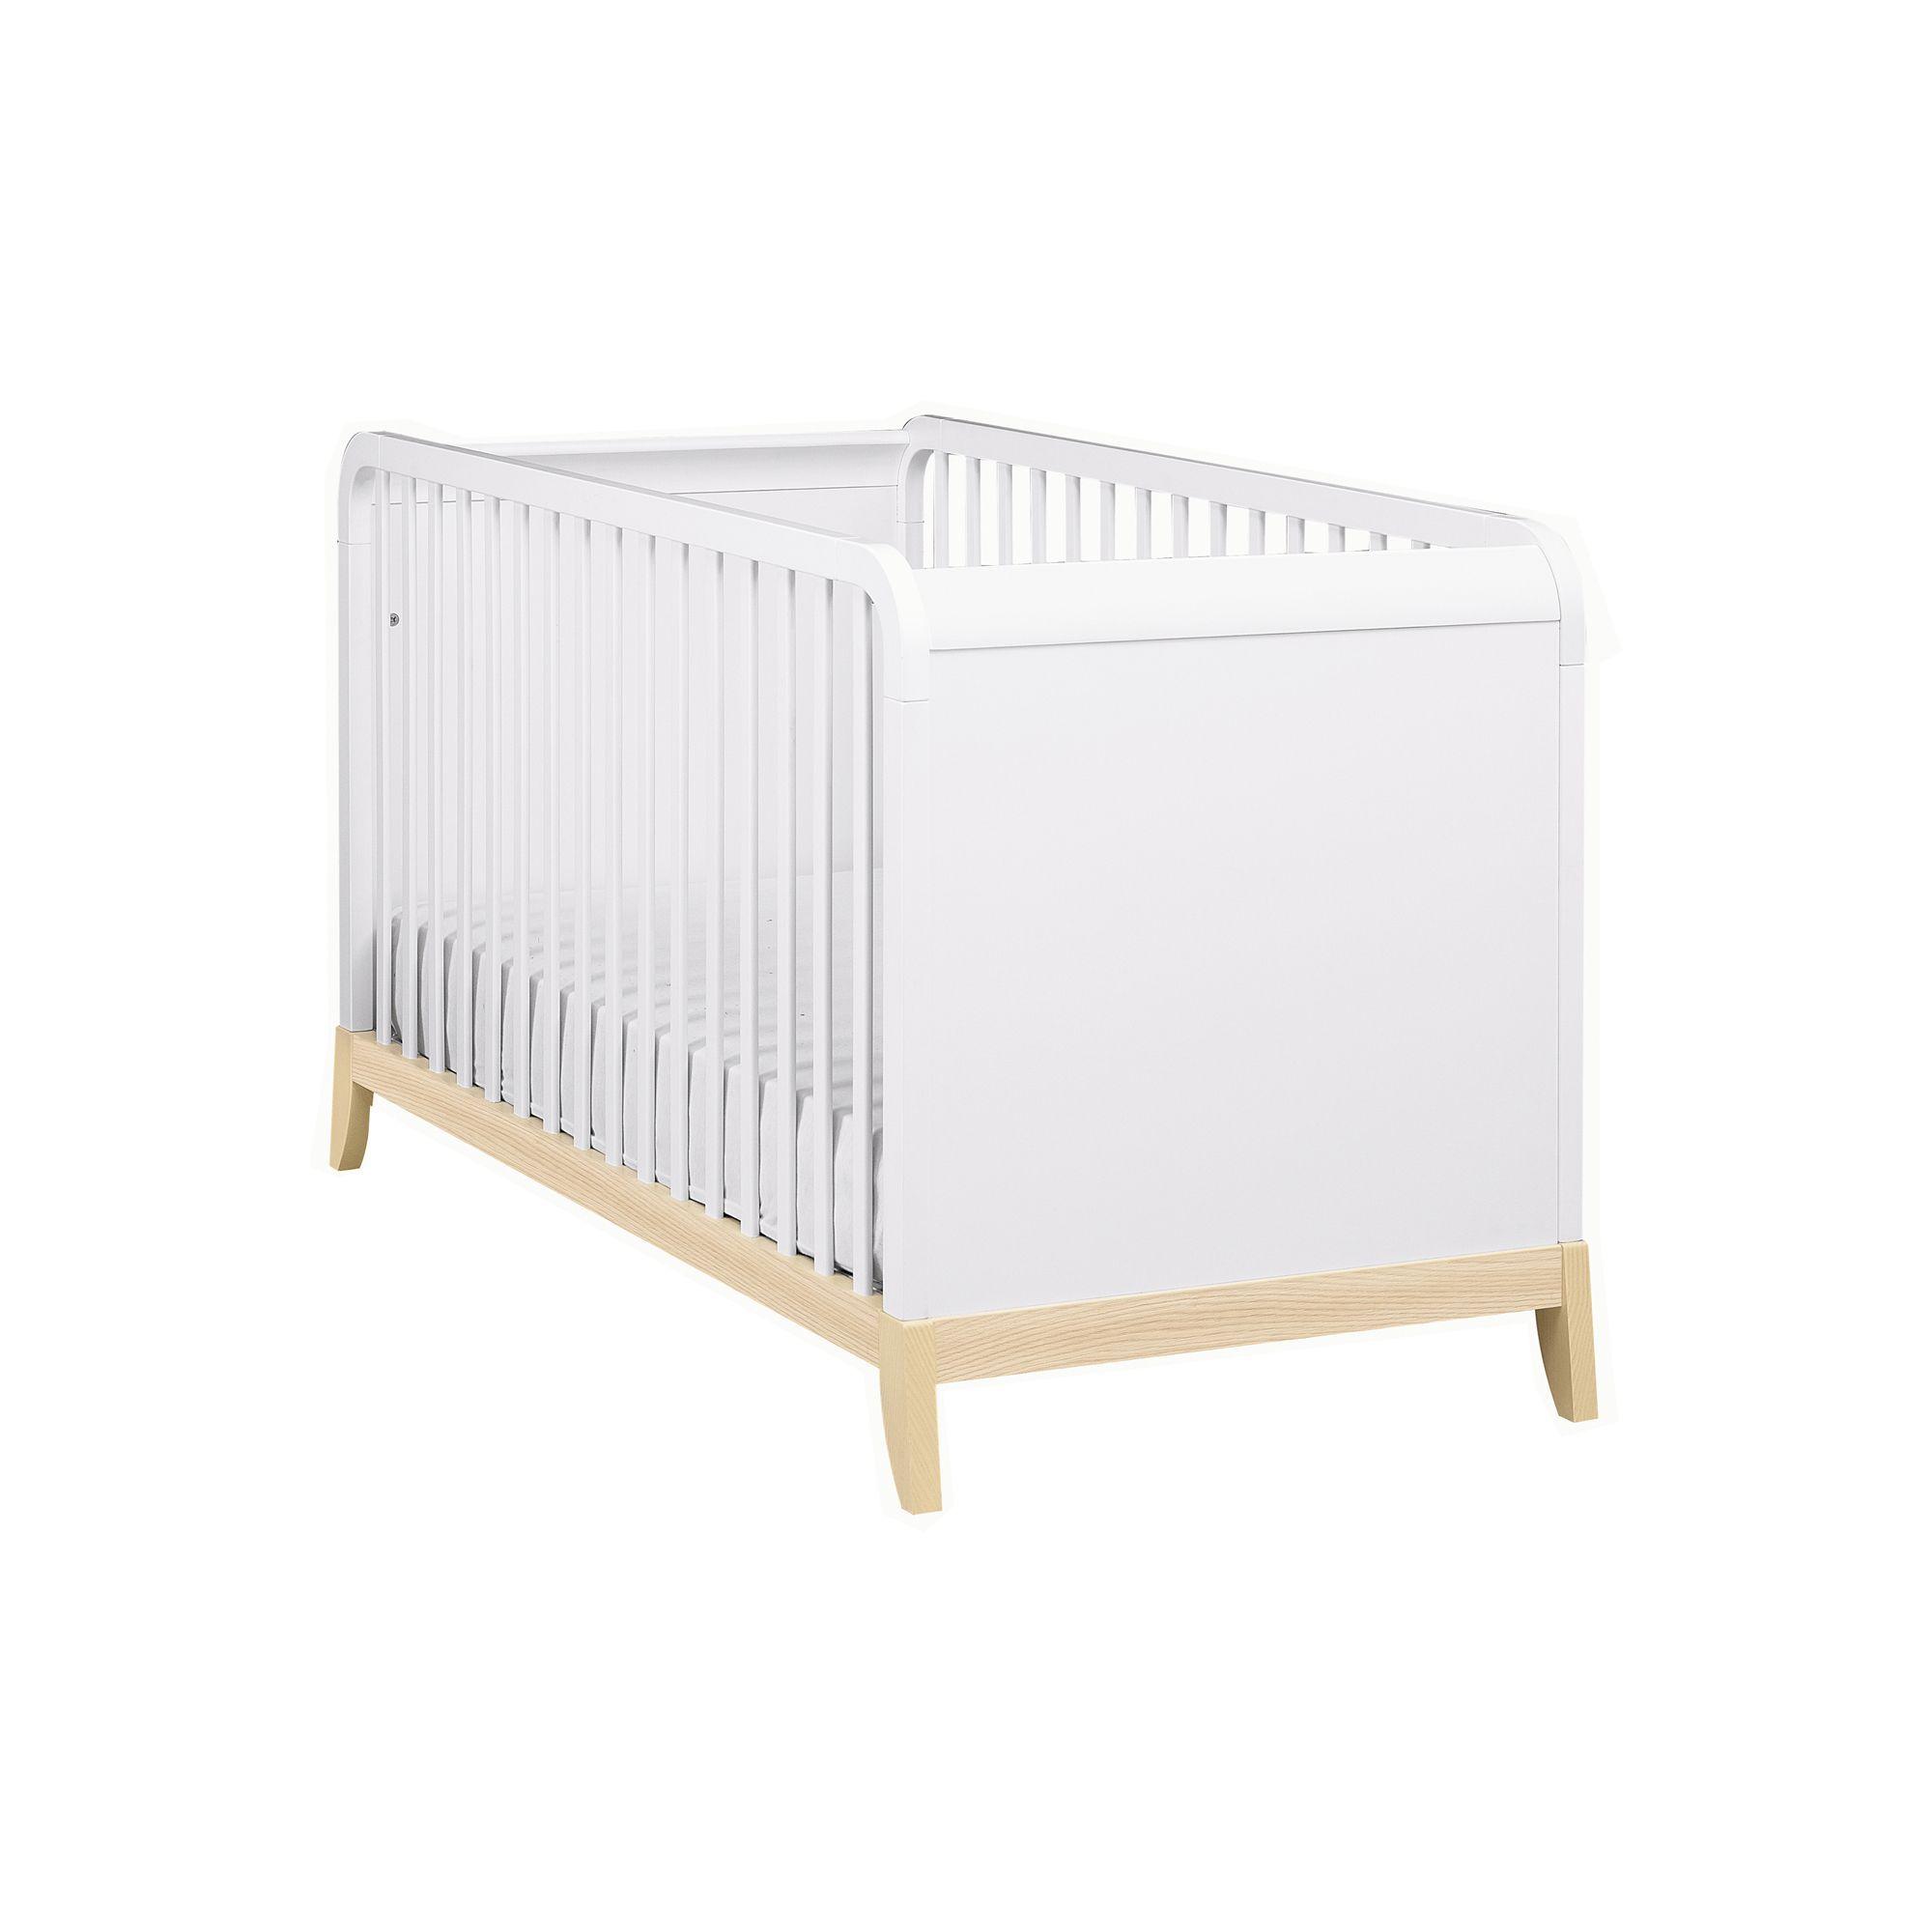 Lit bébé à barreaux 70x140cm Frêne/blanc - Flocon - Les lits ...